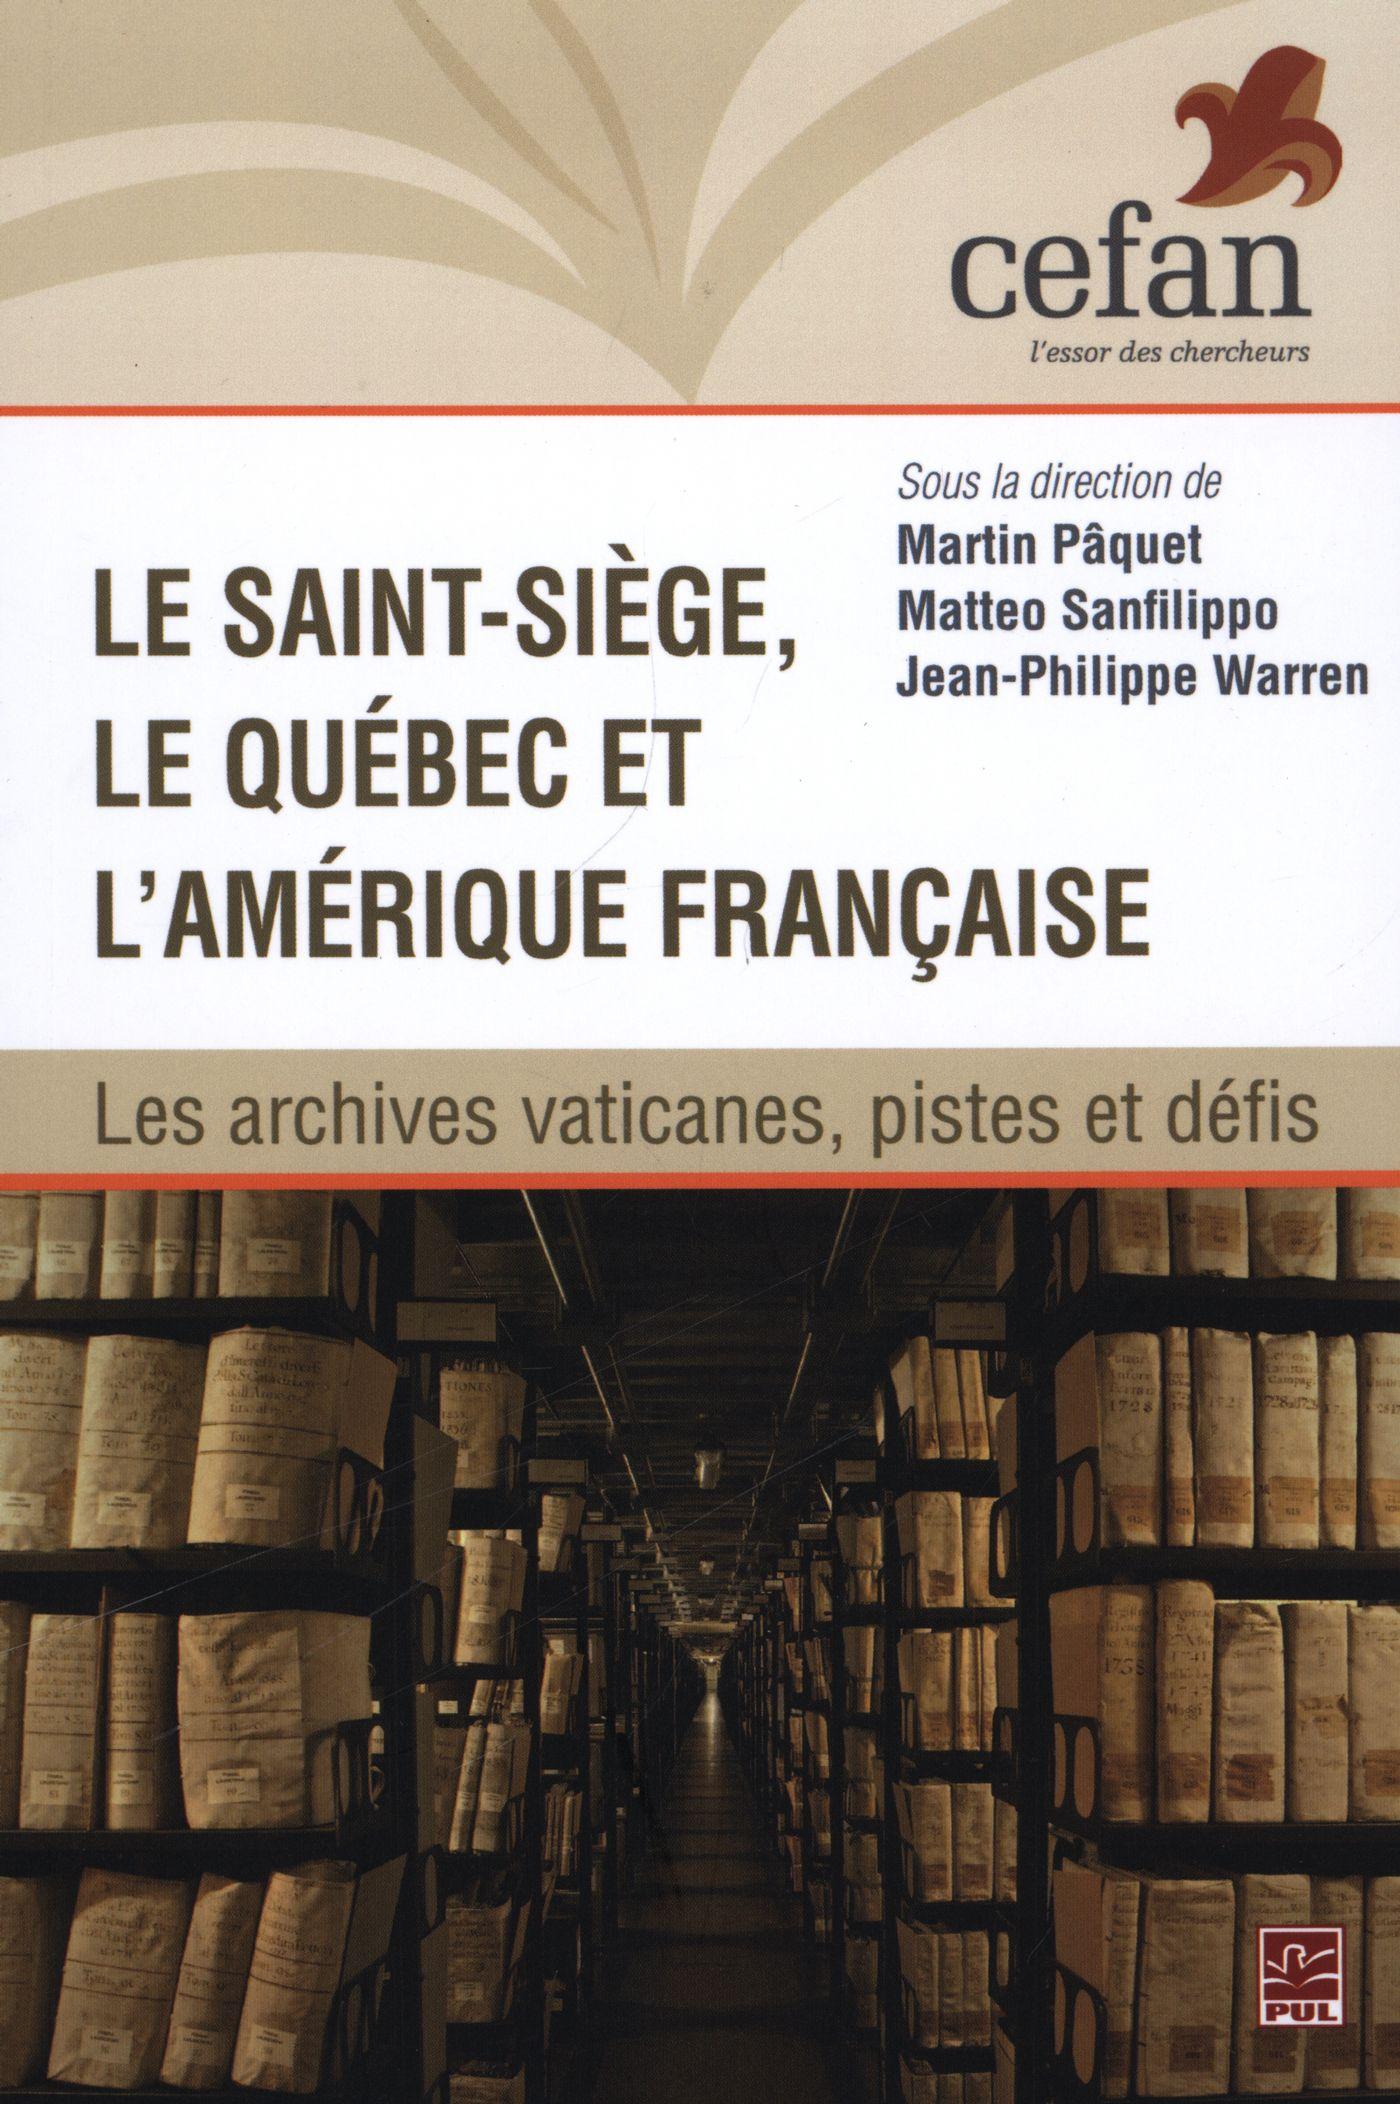 Le Saint-Siège, le Québec et l'Amérique française